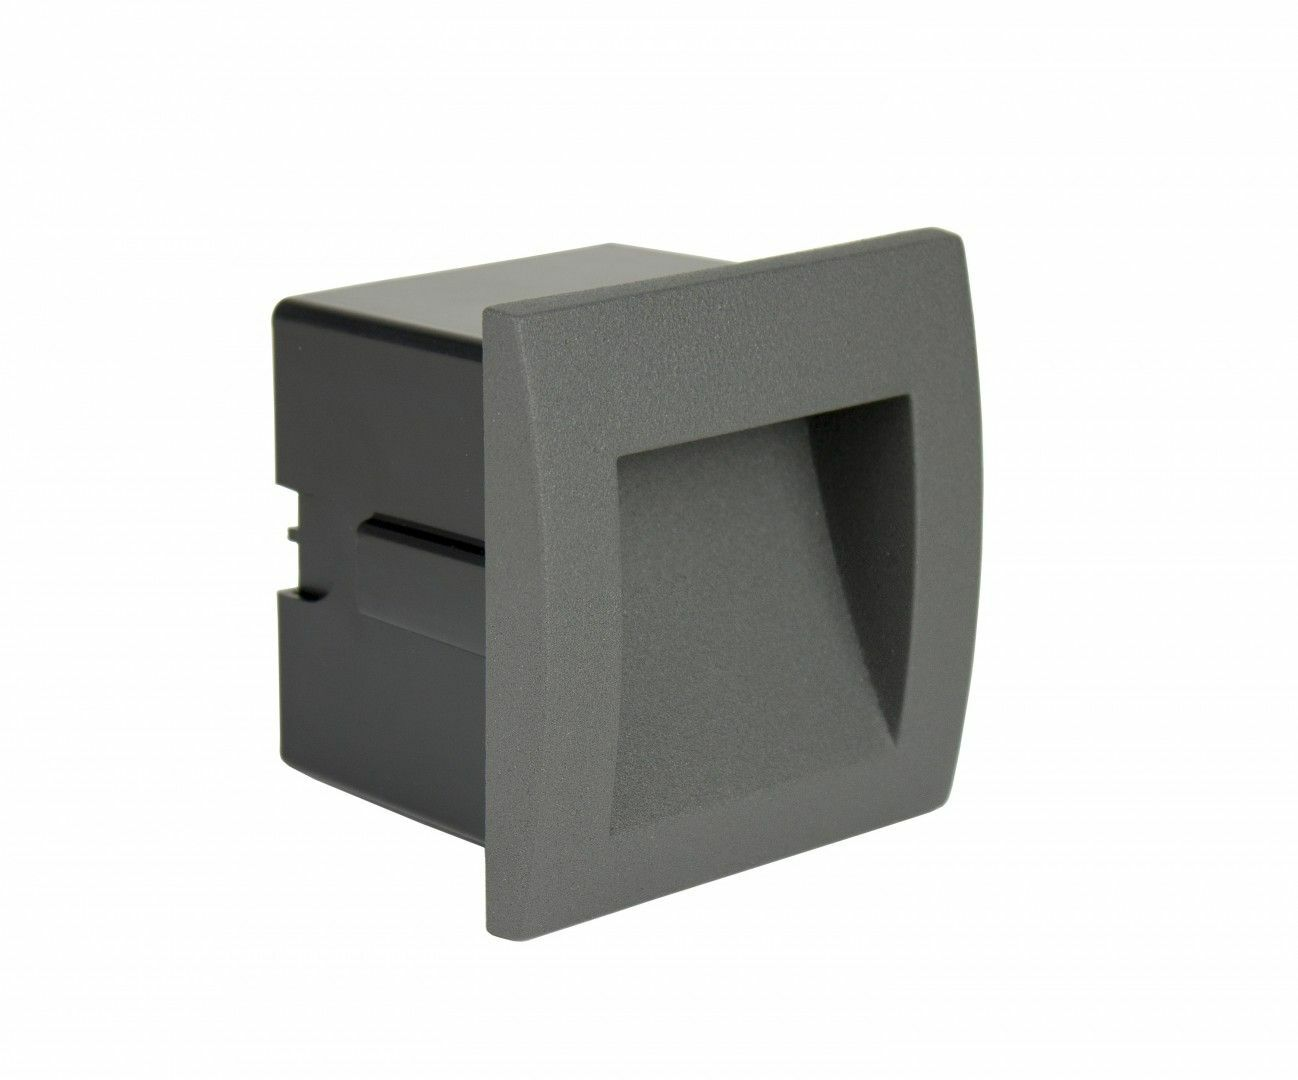 Oprawa do wbudowania MUR-LED M2029 - SU-MA  Sprawdź kupony i rabaty w koszyku  Zamów tel  533-810-034